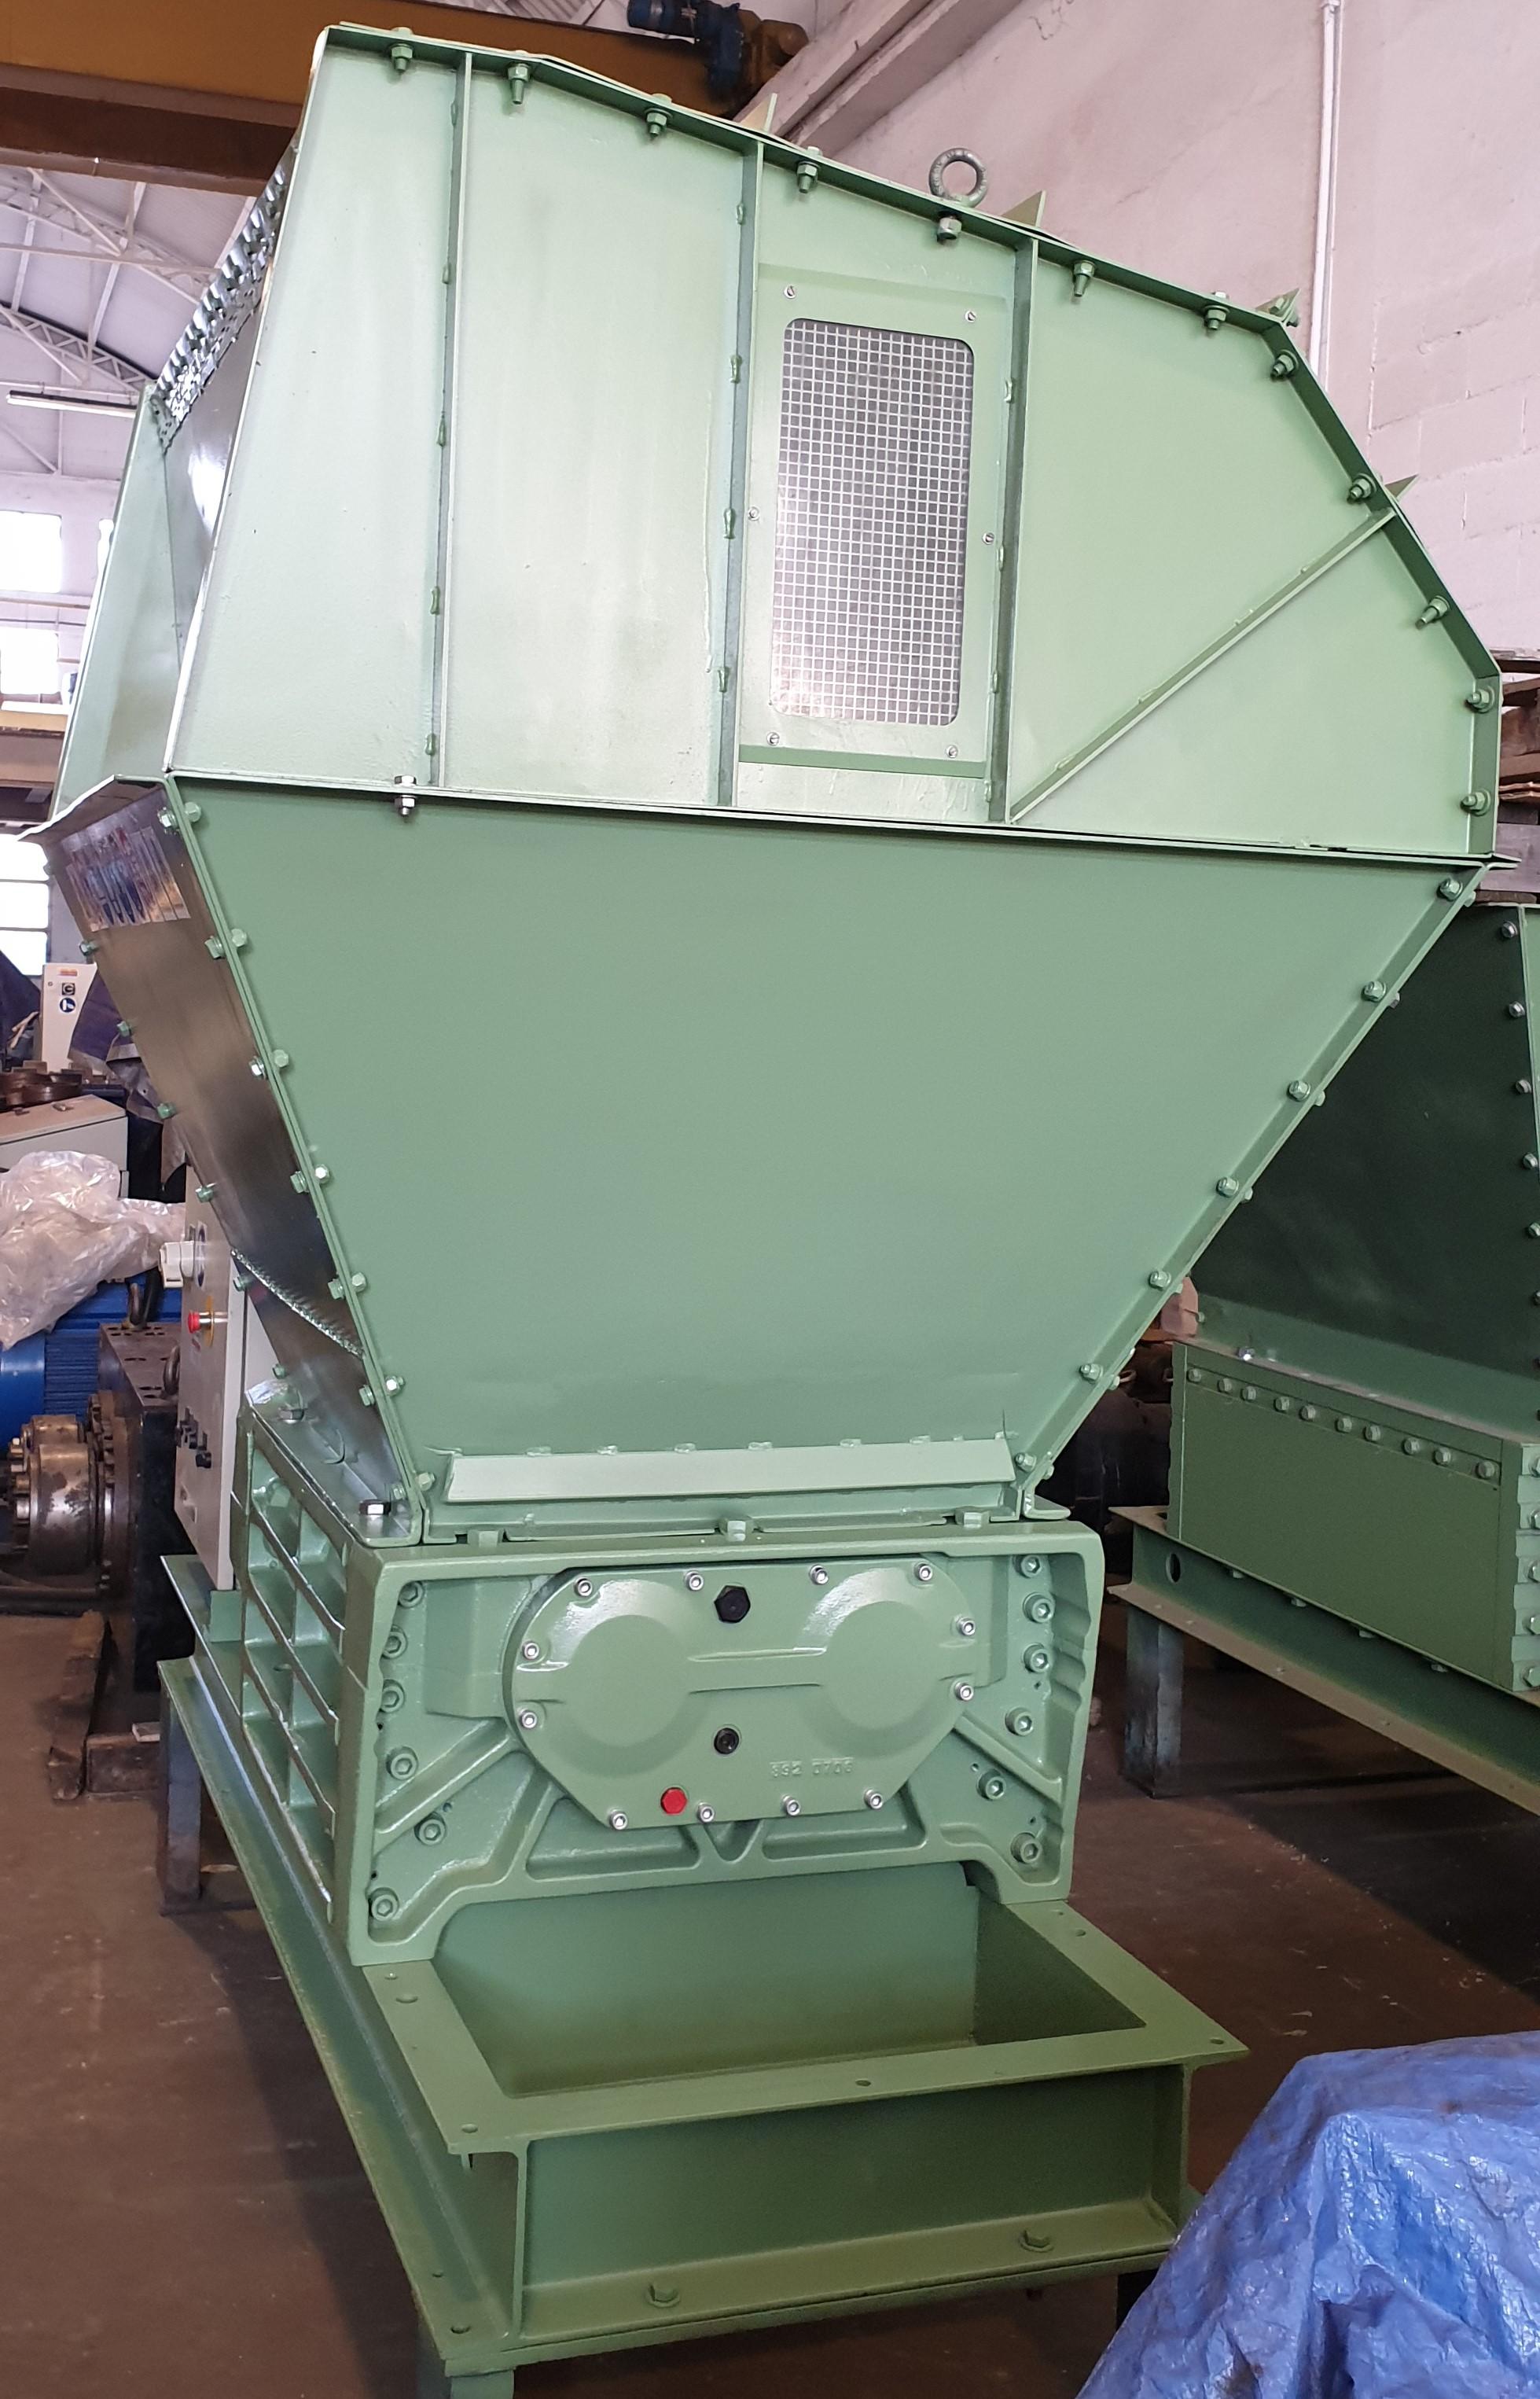 TRITURATORE INDUSTRIALE SANT'ANDREA G30/750 in vendita - foto 2